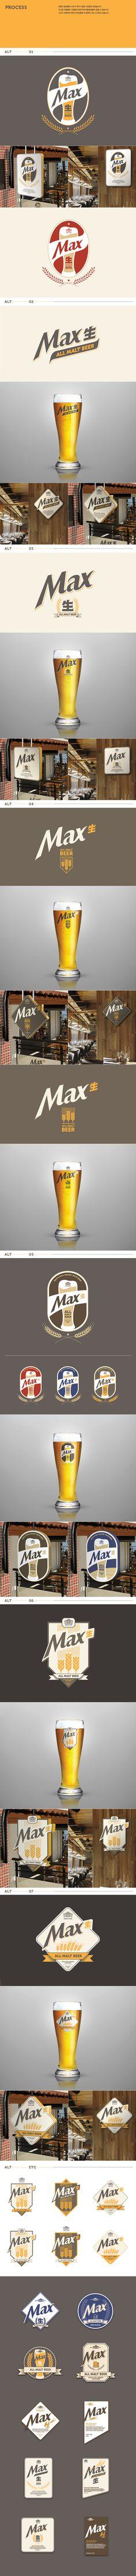 HITE MAX生 Brand